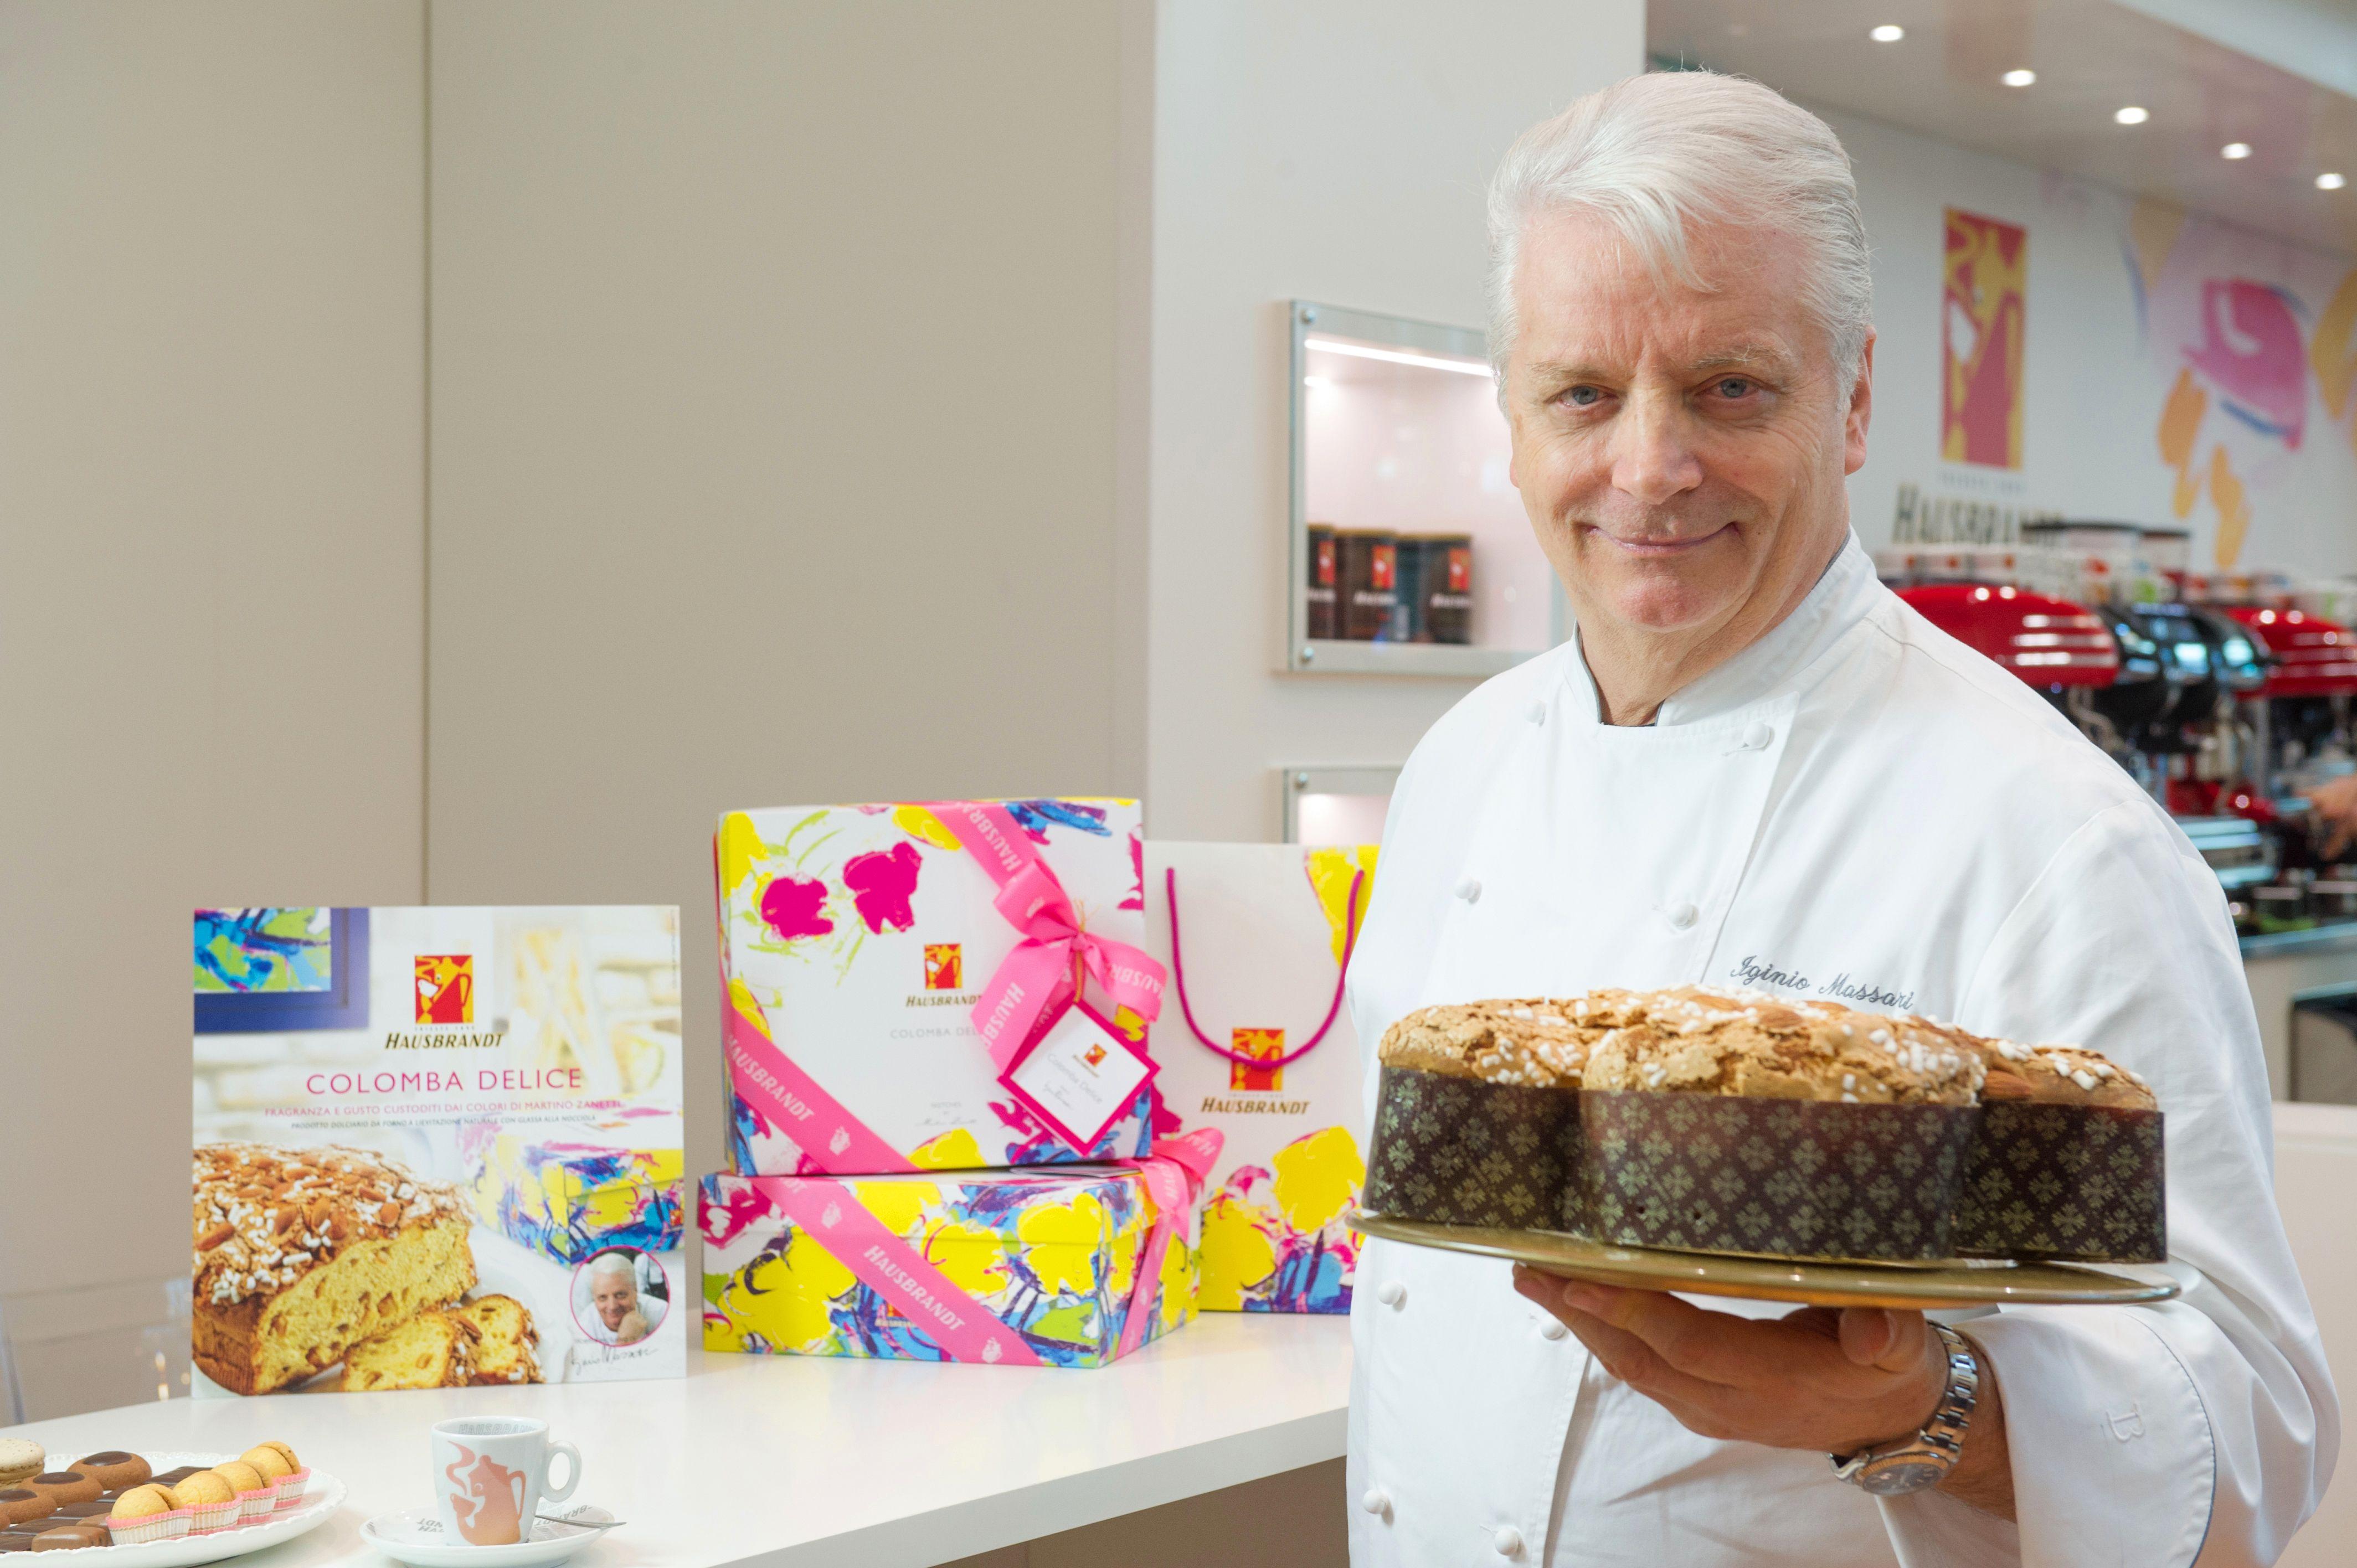 Ecco la Colomba Delice 2016, firmata per Hausbrandt dal Maestro dei Maestri Pasticceri Iginio Massari. See our Colomba Delice, reinvented for Hausbrandt by the Maestro of Master Pastry Chefs Iginio Massari.